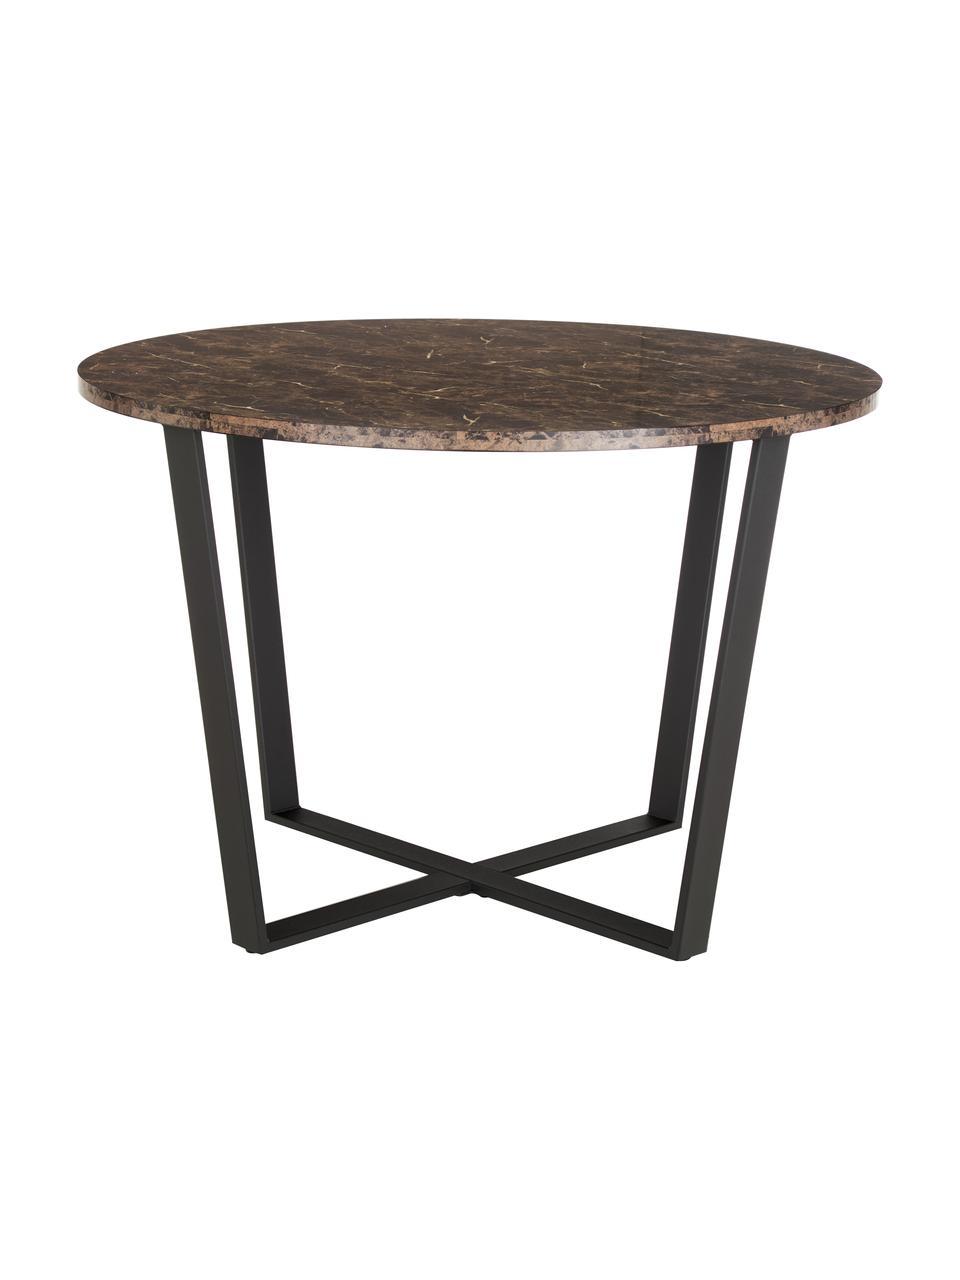 Runder Esstisch Amble in Marmoroptik, Ø 110 cm, Tischplatte: Mitteldichte Holzfaserpla, Braun in Marmor-Optik, Ø 110 x H 75 cm